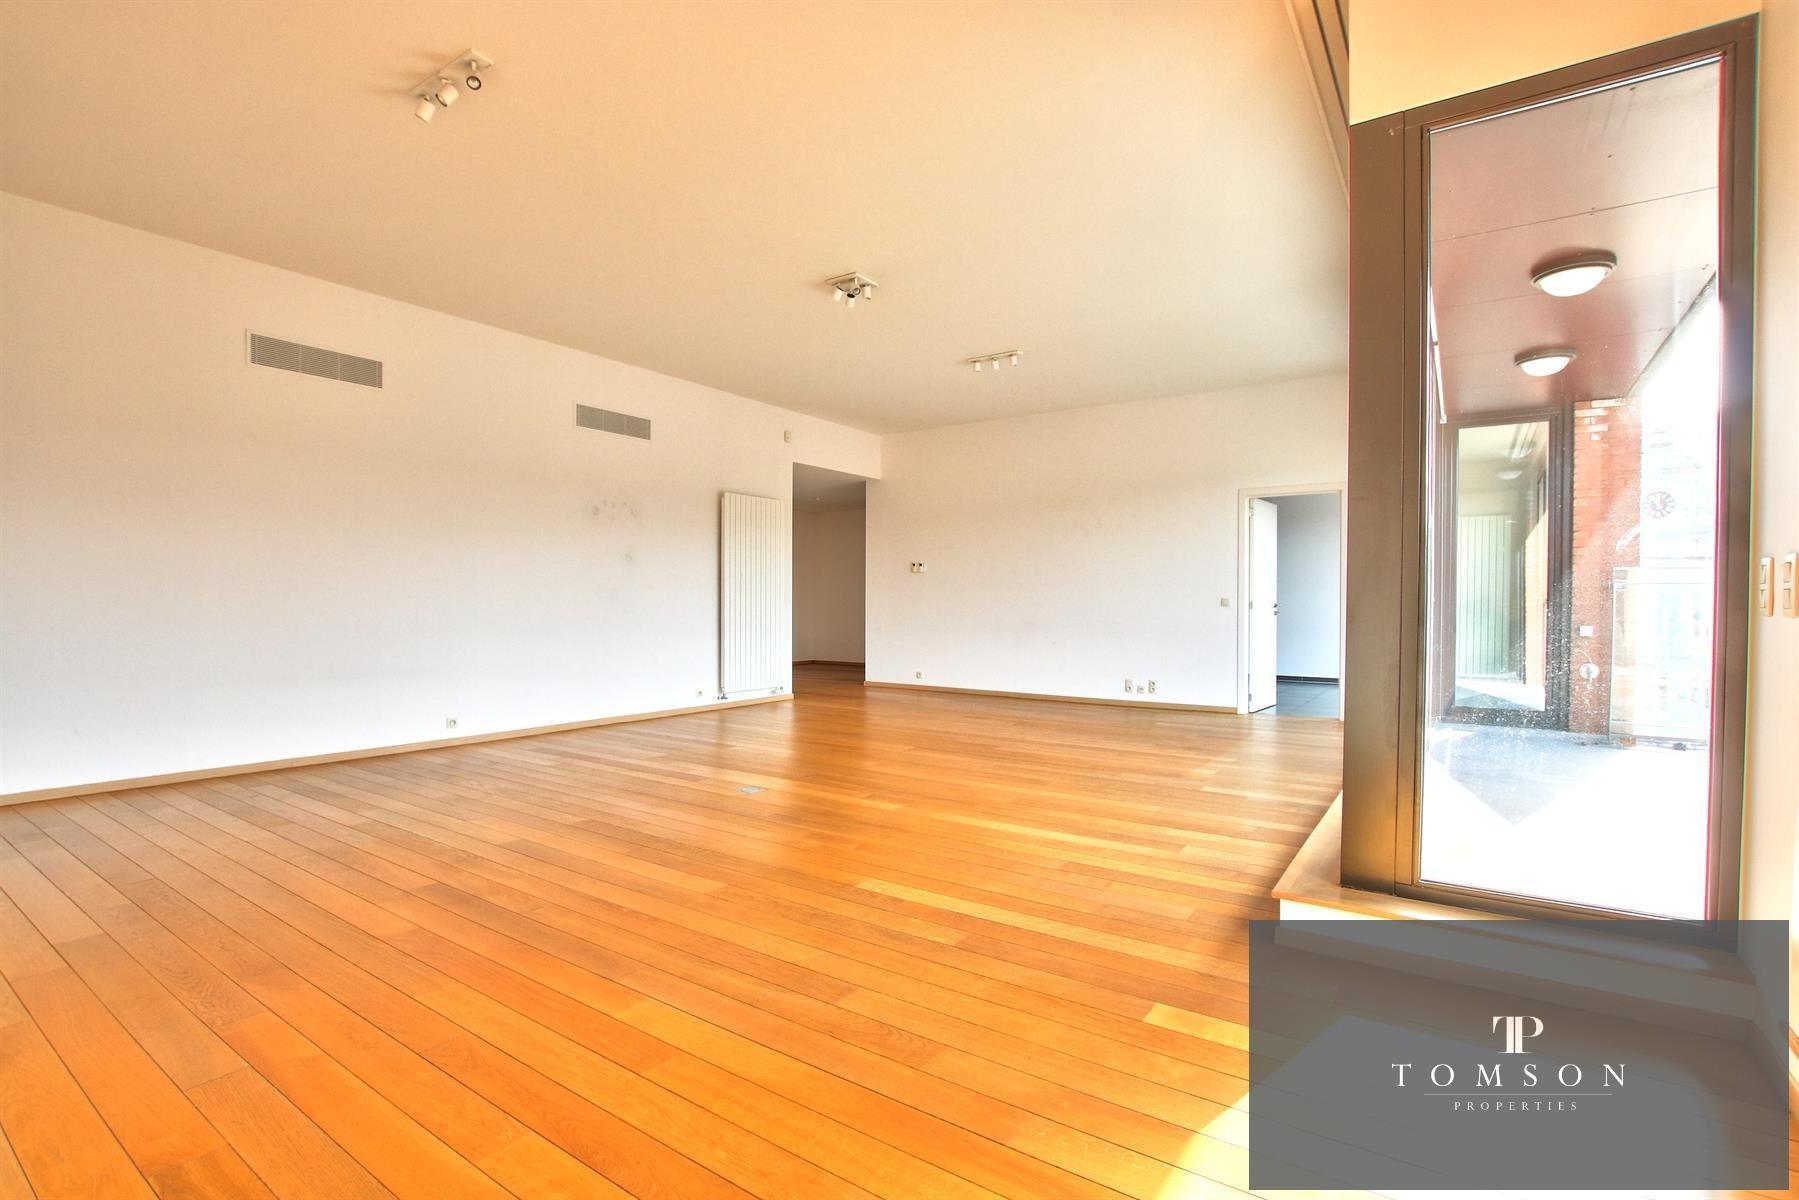 Appartement exceptionnel - Ixelles - #4533638-5